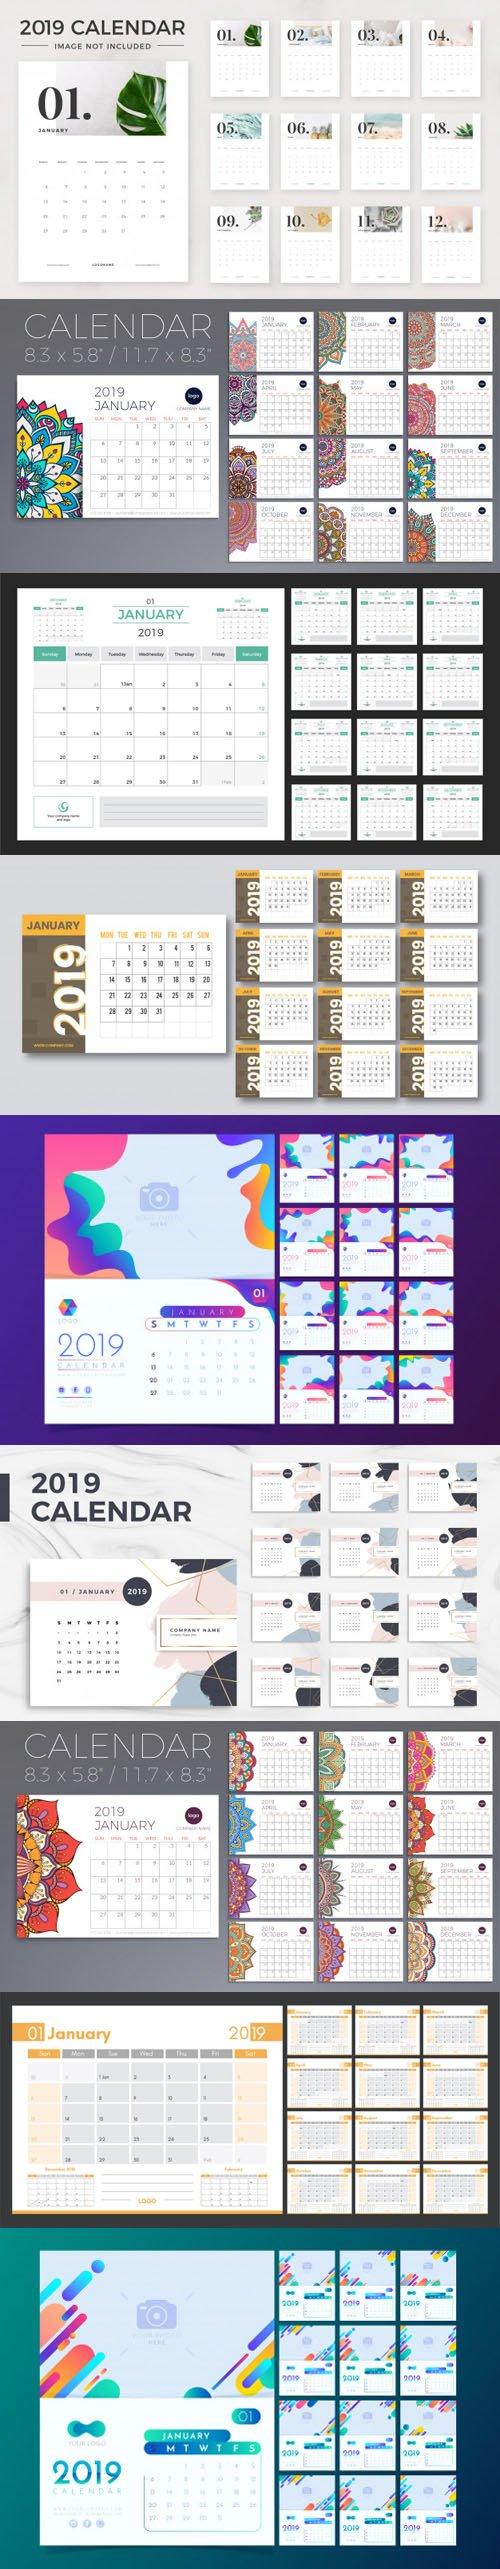 2019 Calendar Vector Templates Collection 6 [ 9 Calendars ]